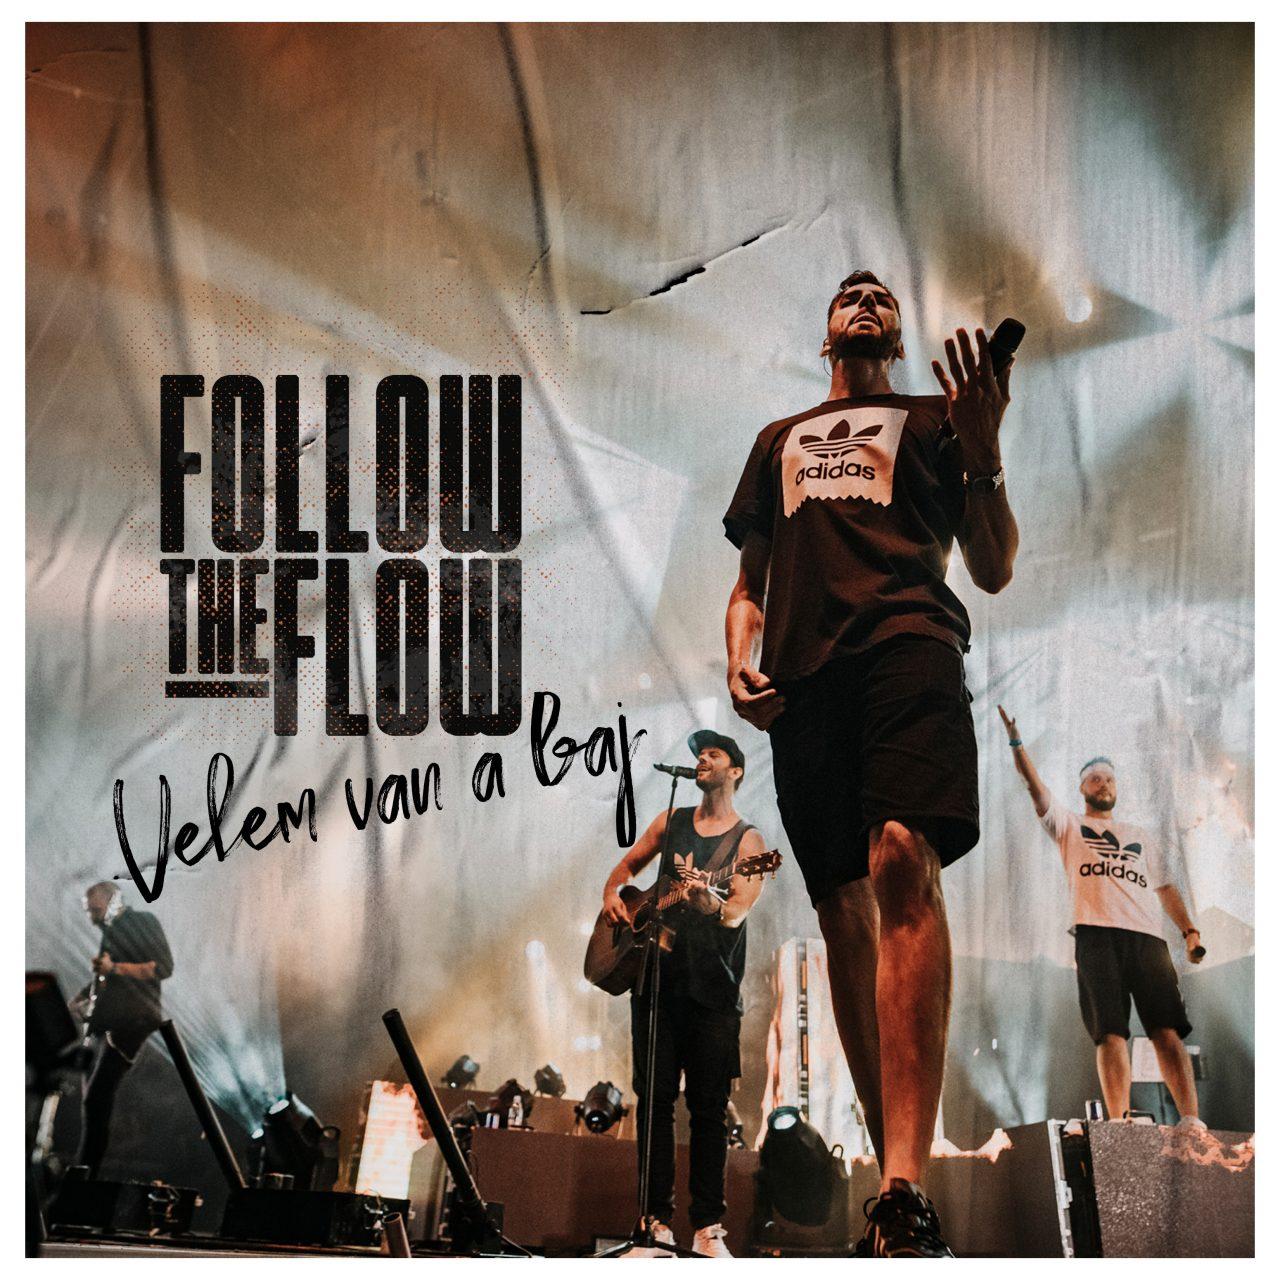 follow_the_flow_velem_van_a_baj